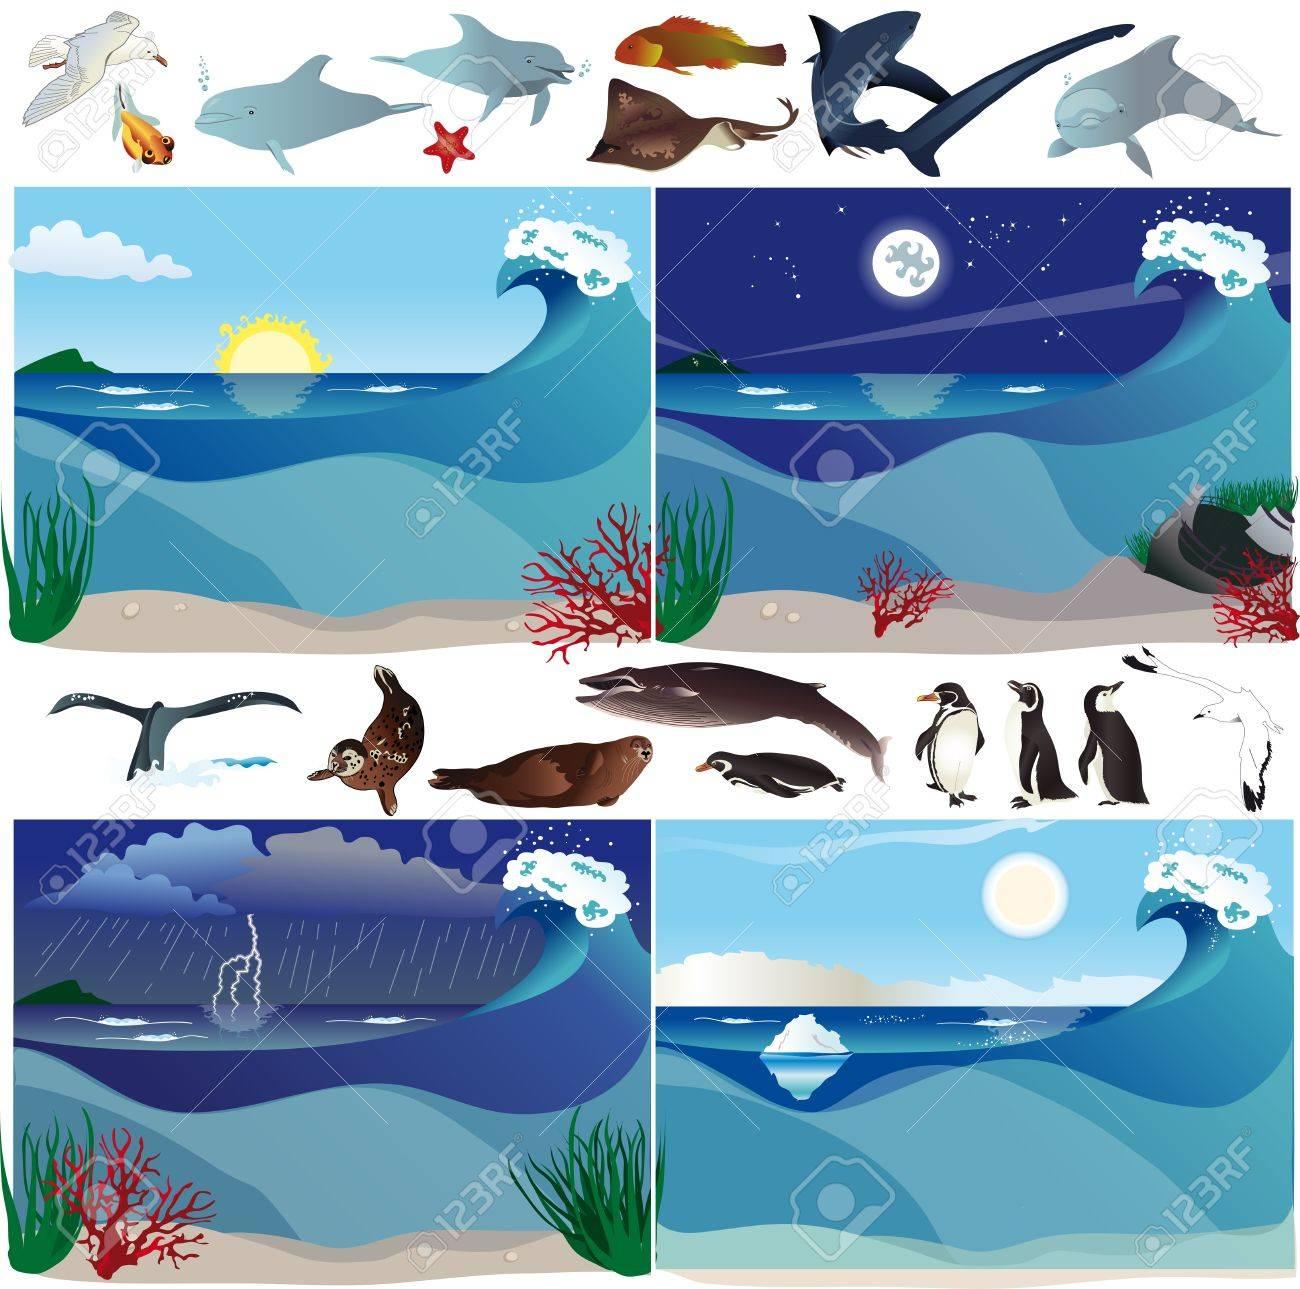 Sea scenarios with various marine animals Stock Vector - 14228487